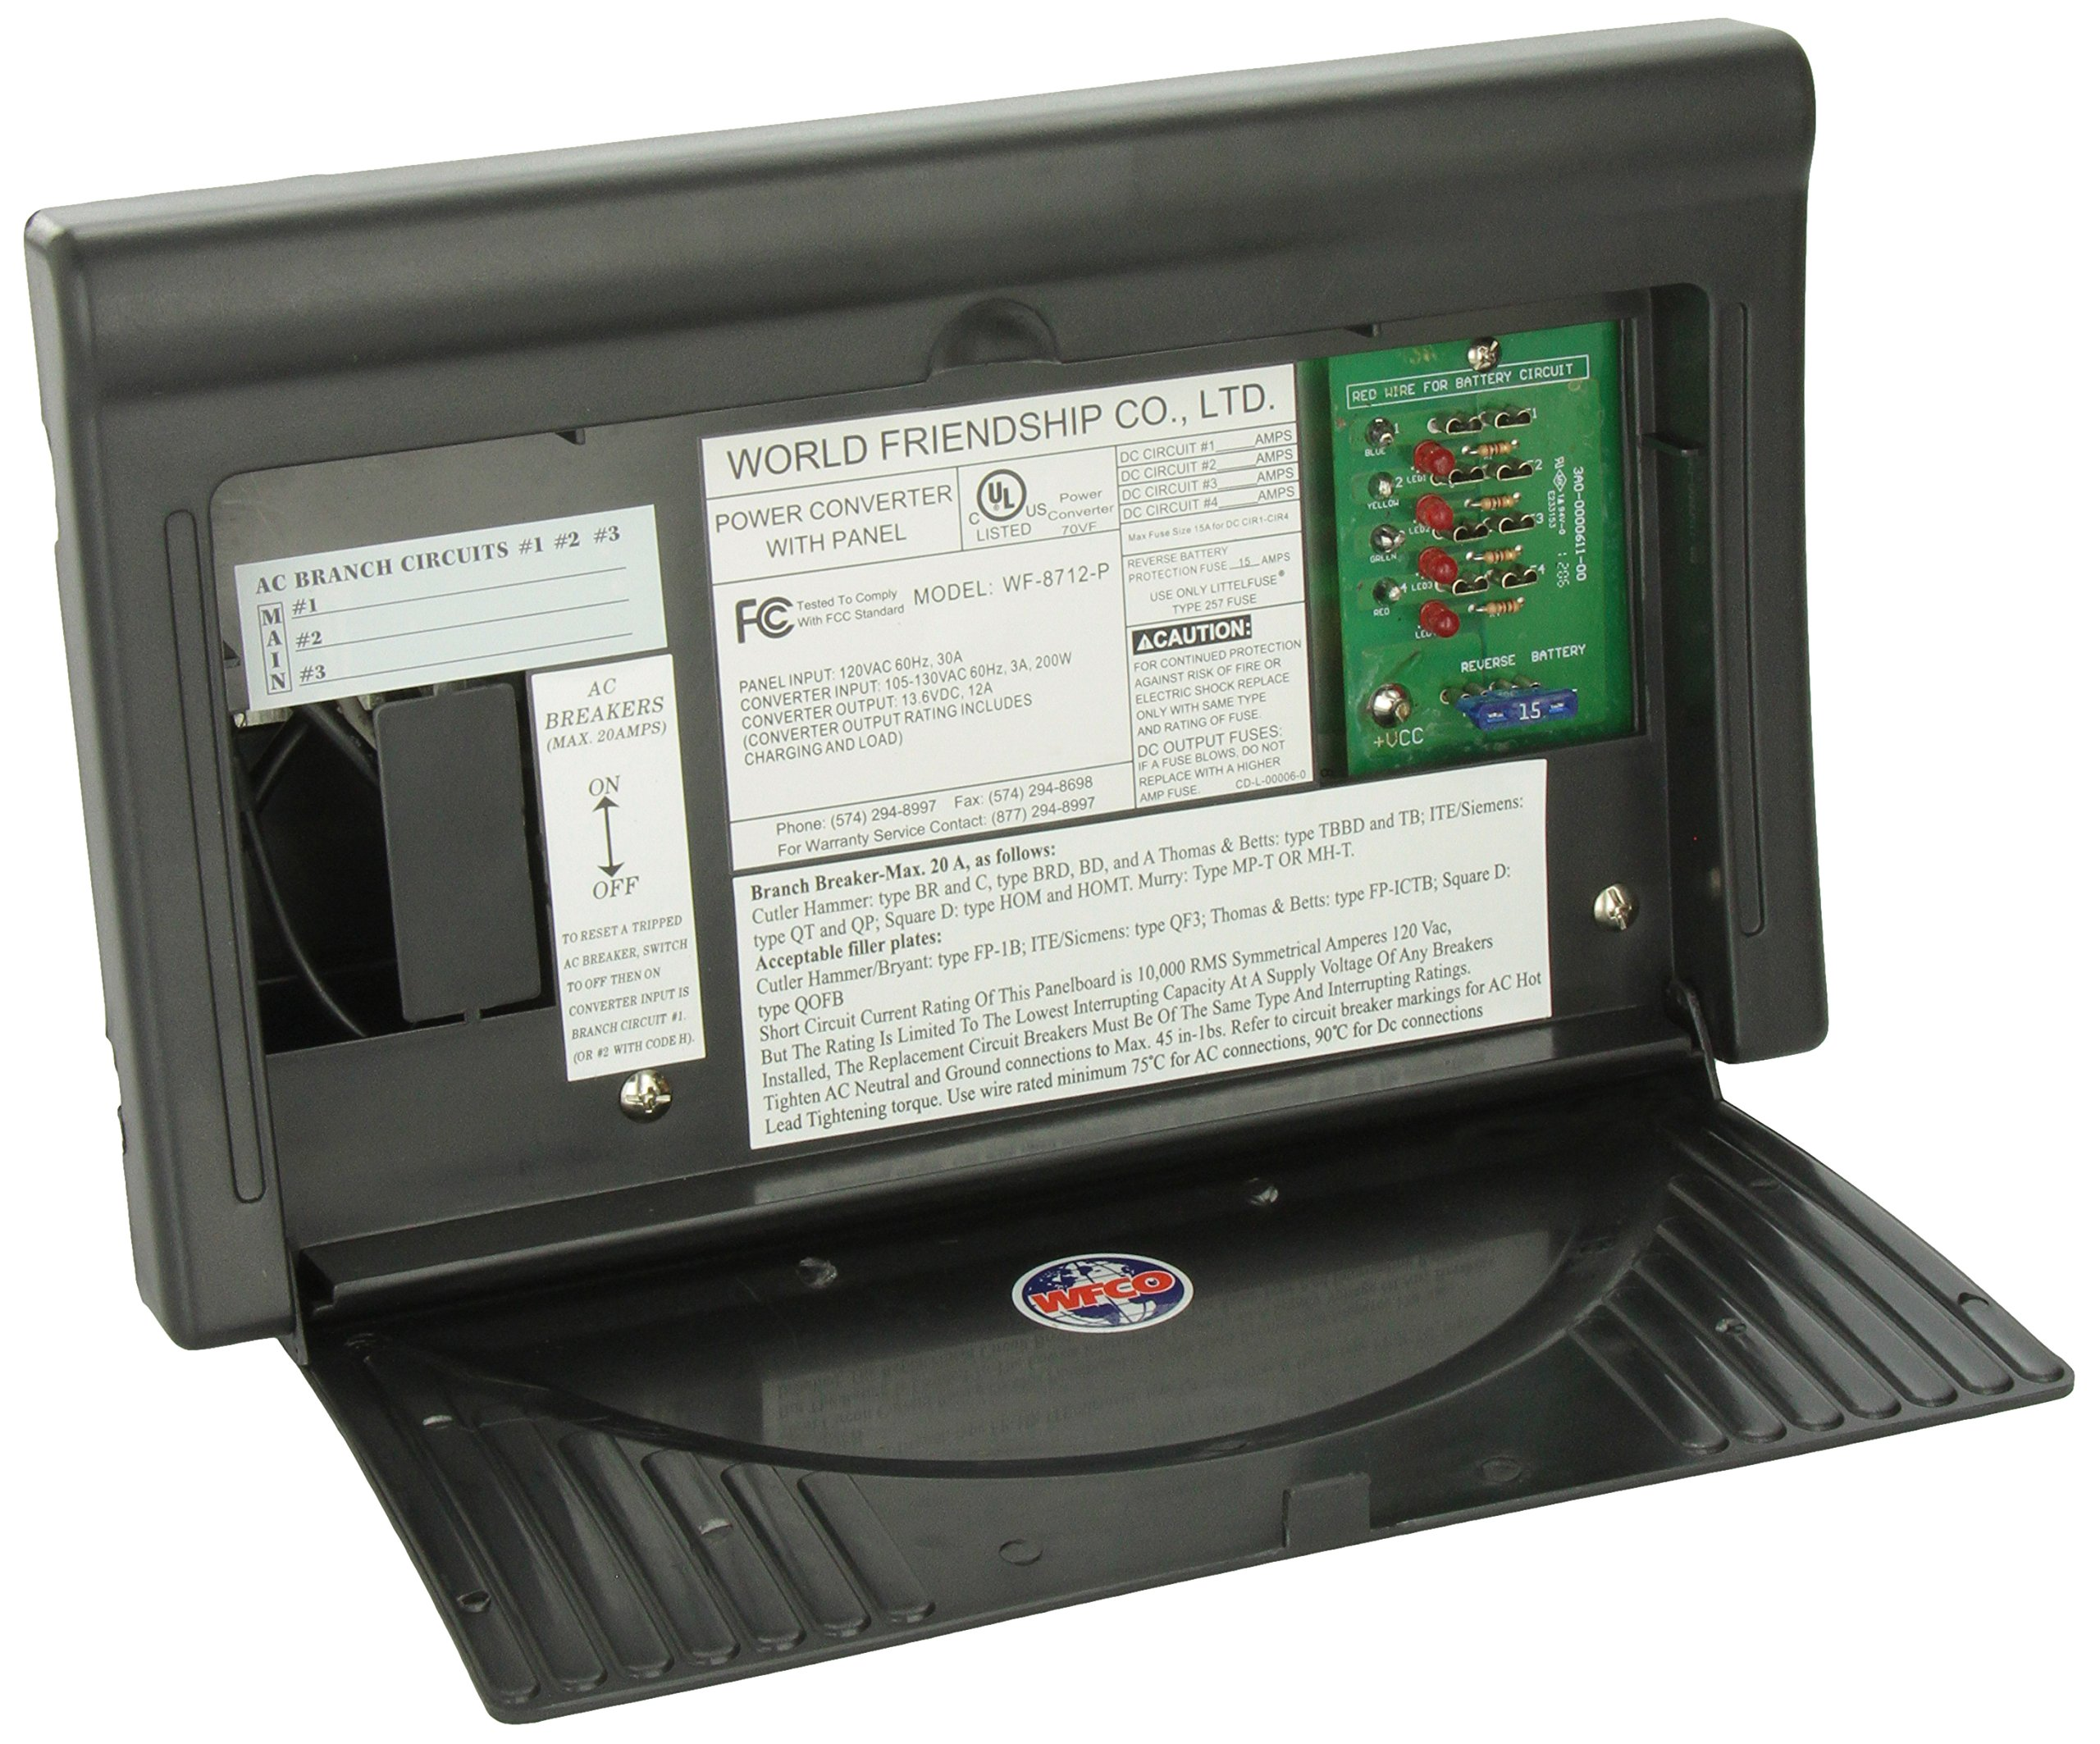 WFCO WF8712PB Black 12 Amps Power Center